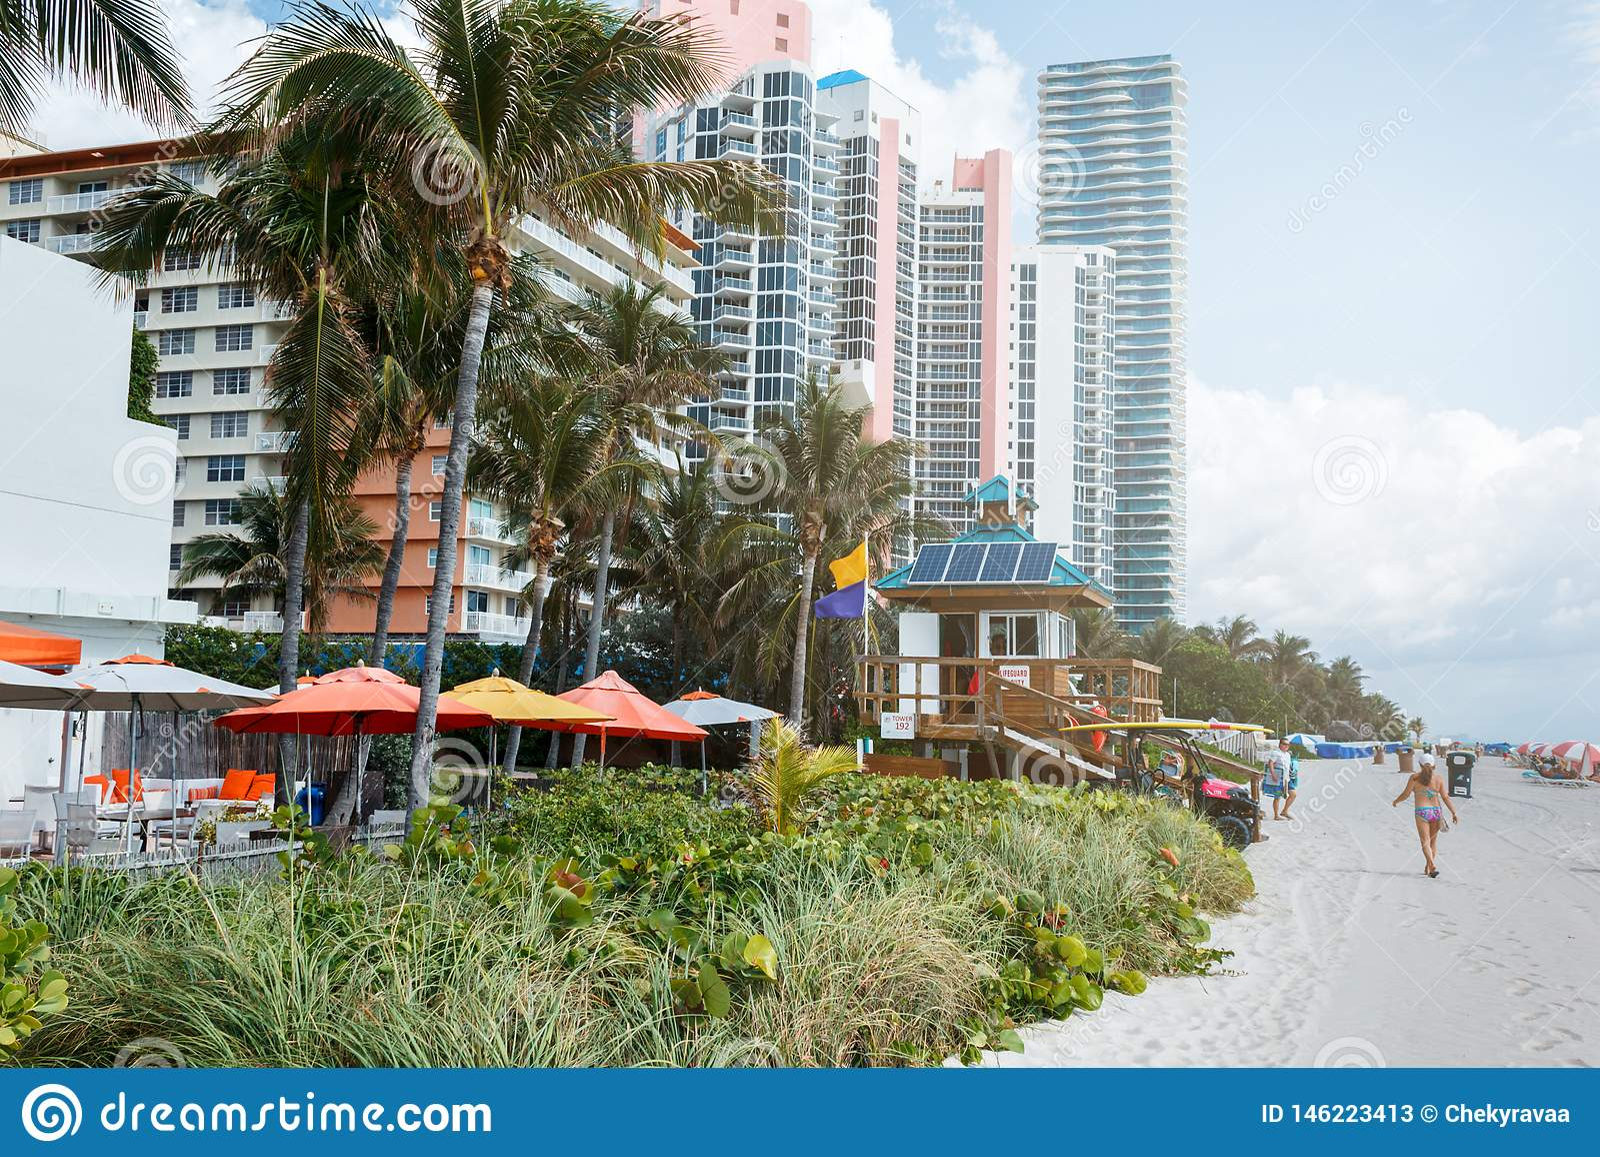 Piasek pla?a w Miami, Atlantycki ocean niebieskie niebo, palmy, drapacz chmur przy t?em